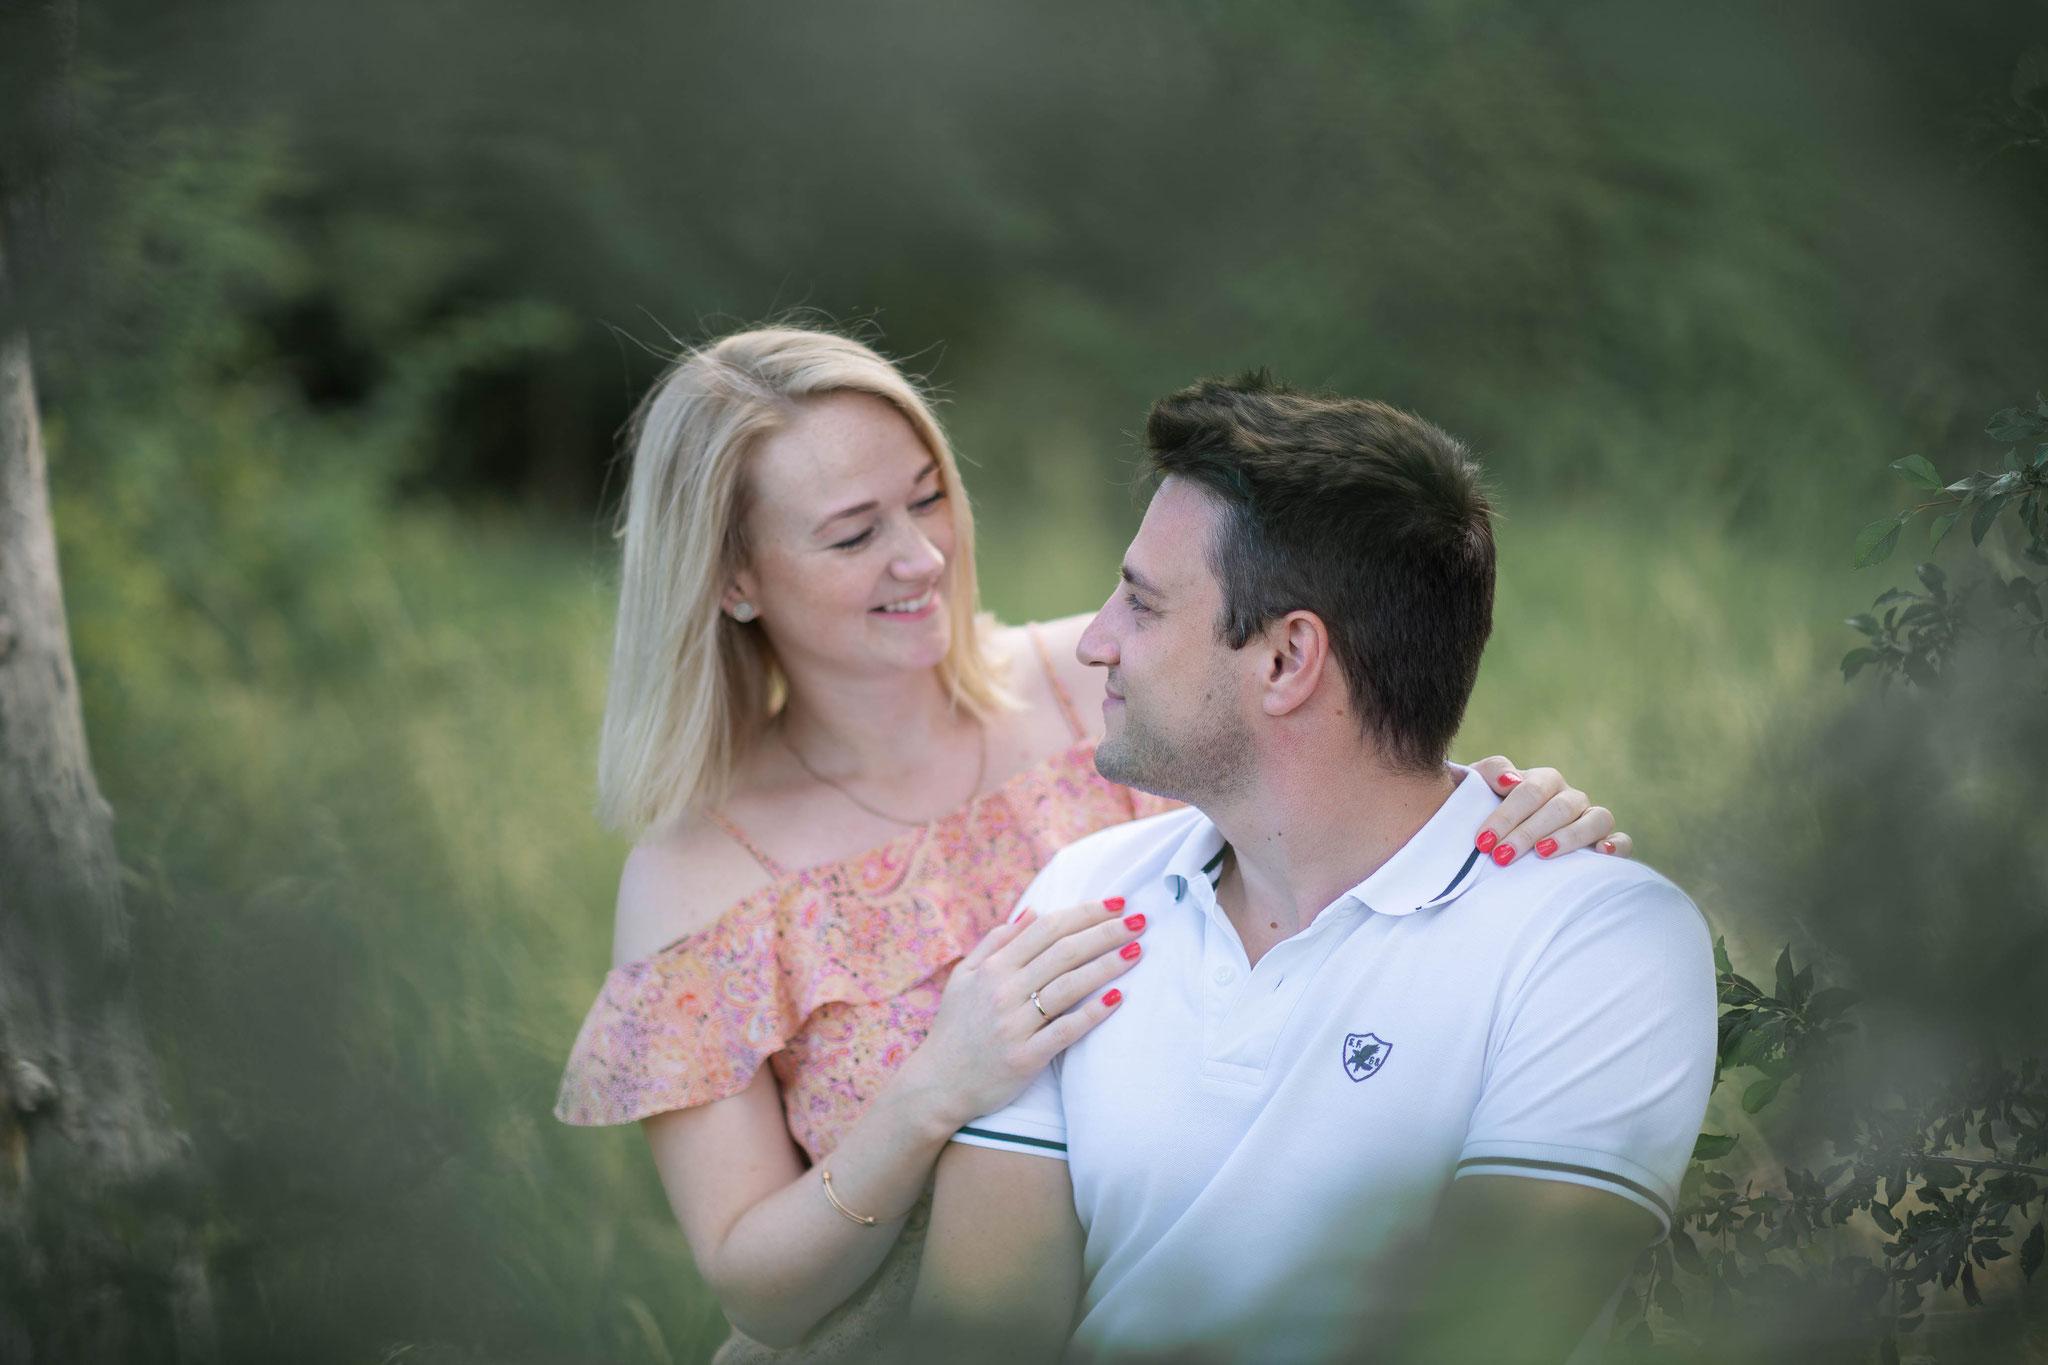 Professionelle Paaraufnahmen vor der Hochzeit zum Kennenlernen